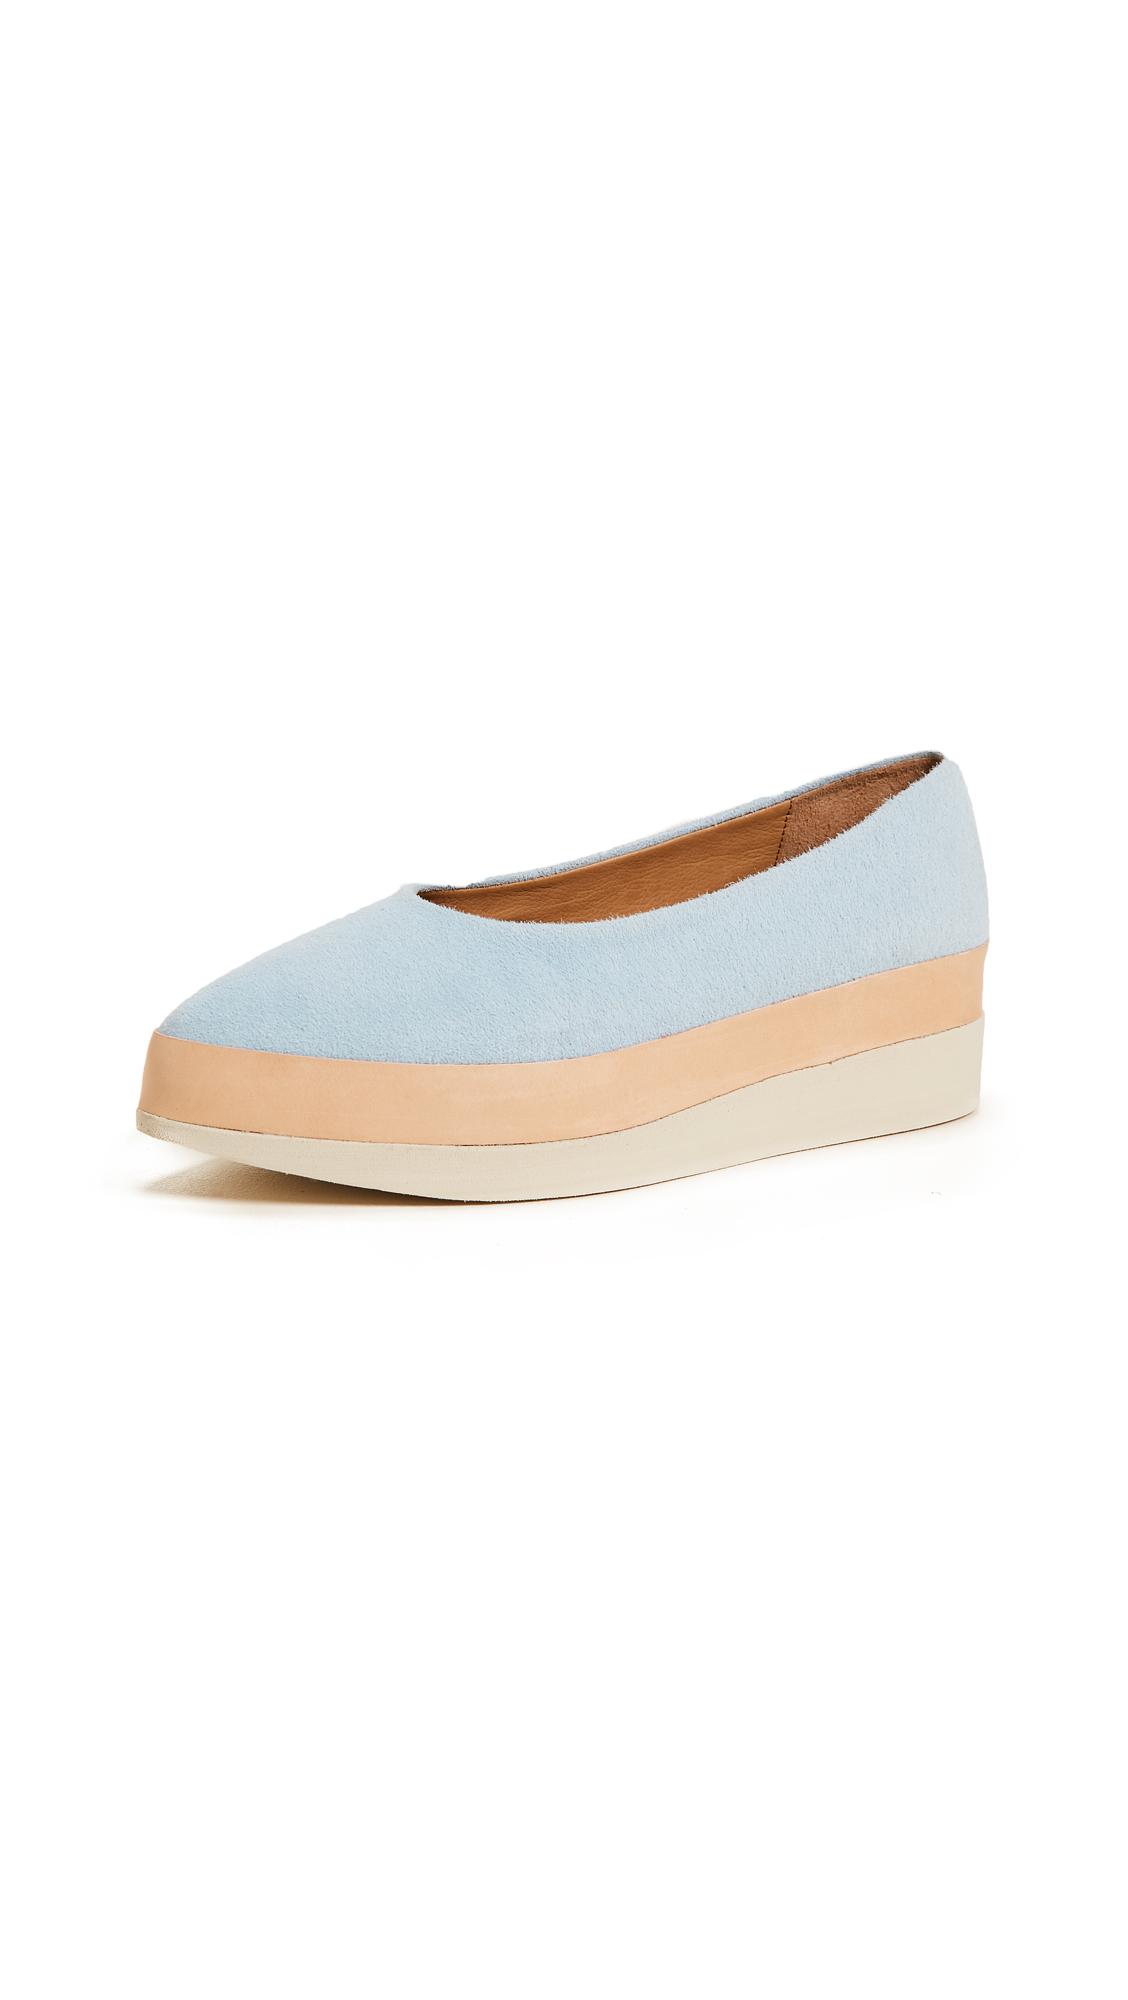 Coclico Shoes Perl Platform Flats - Ante Dew